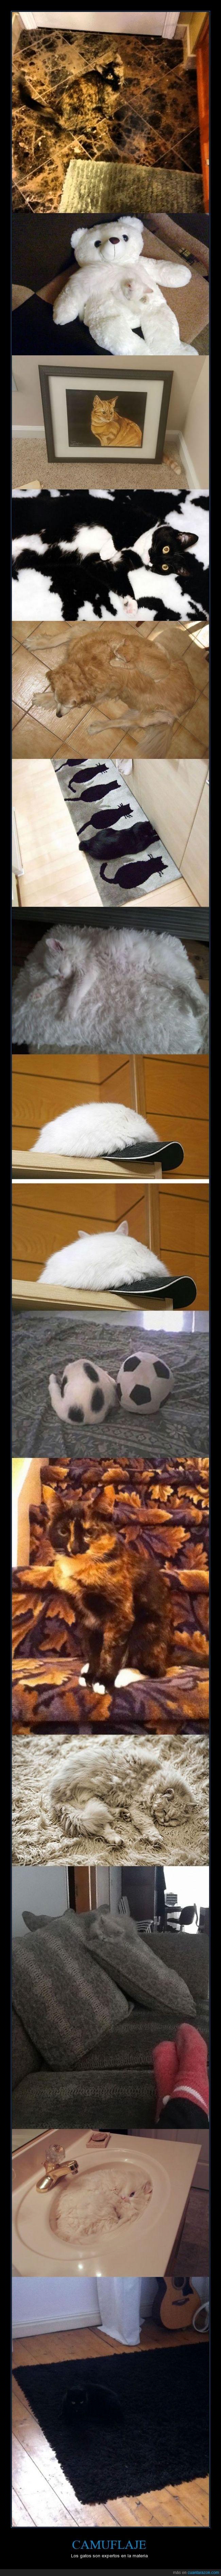 Alucinando con la maestría de los gatos en el camuflaje - Los gatos son expertos en la materia